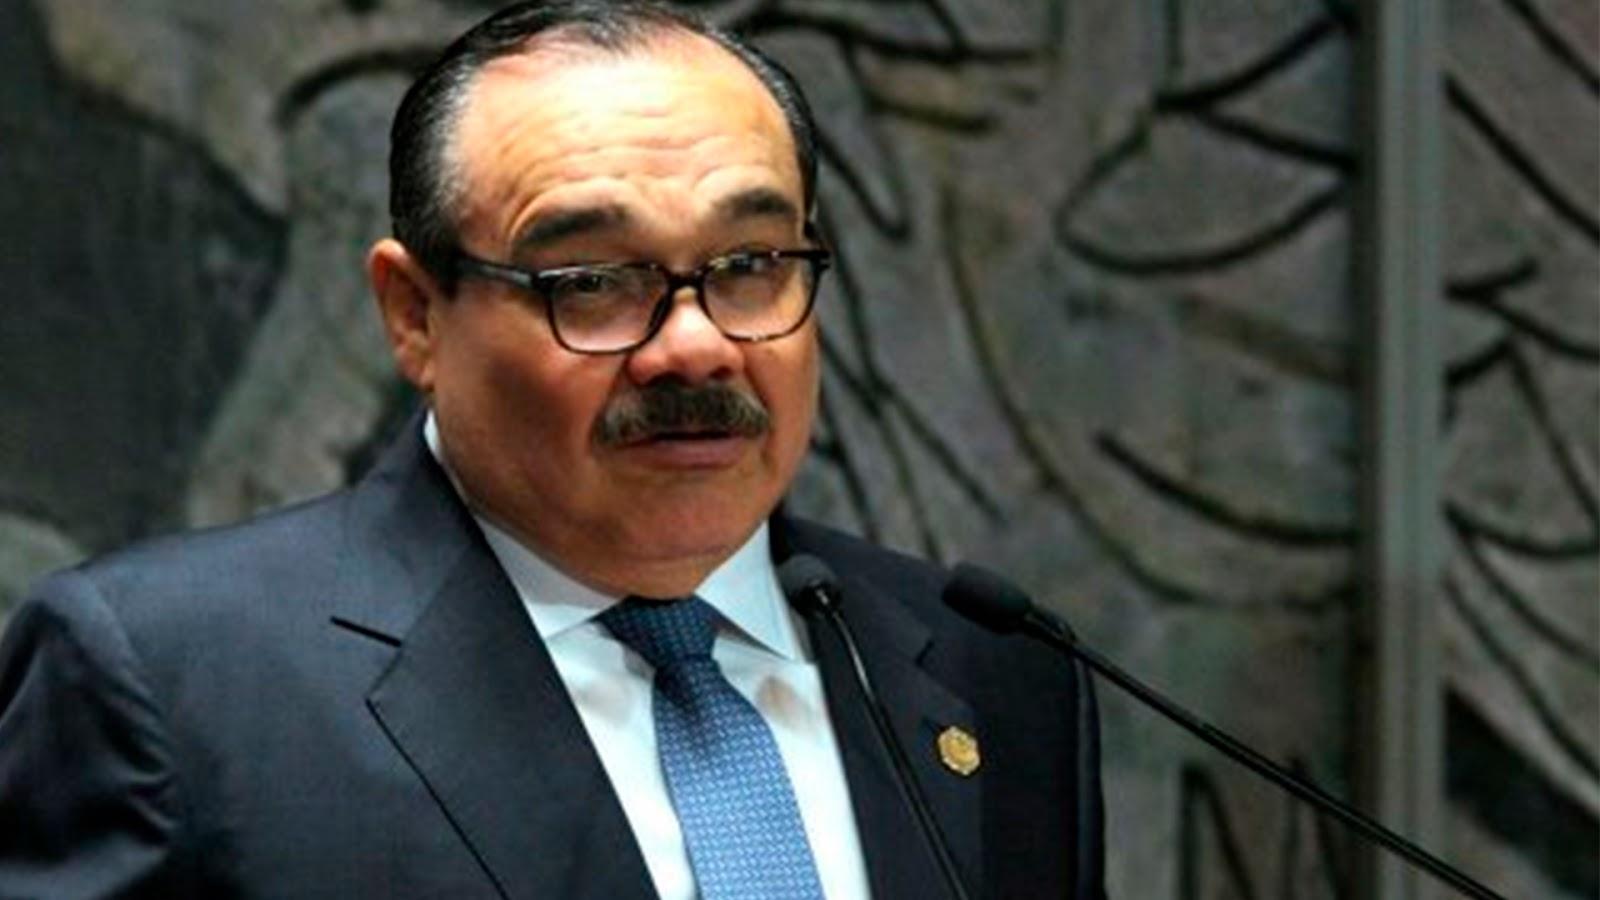 Senador del PRI dice que la economía mexicana está mejor (VÍDEO)